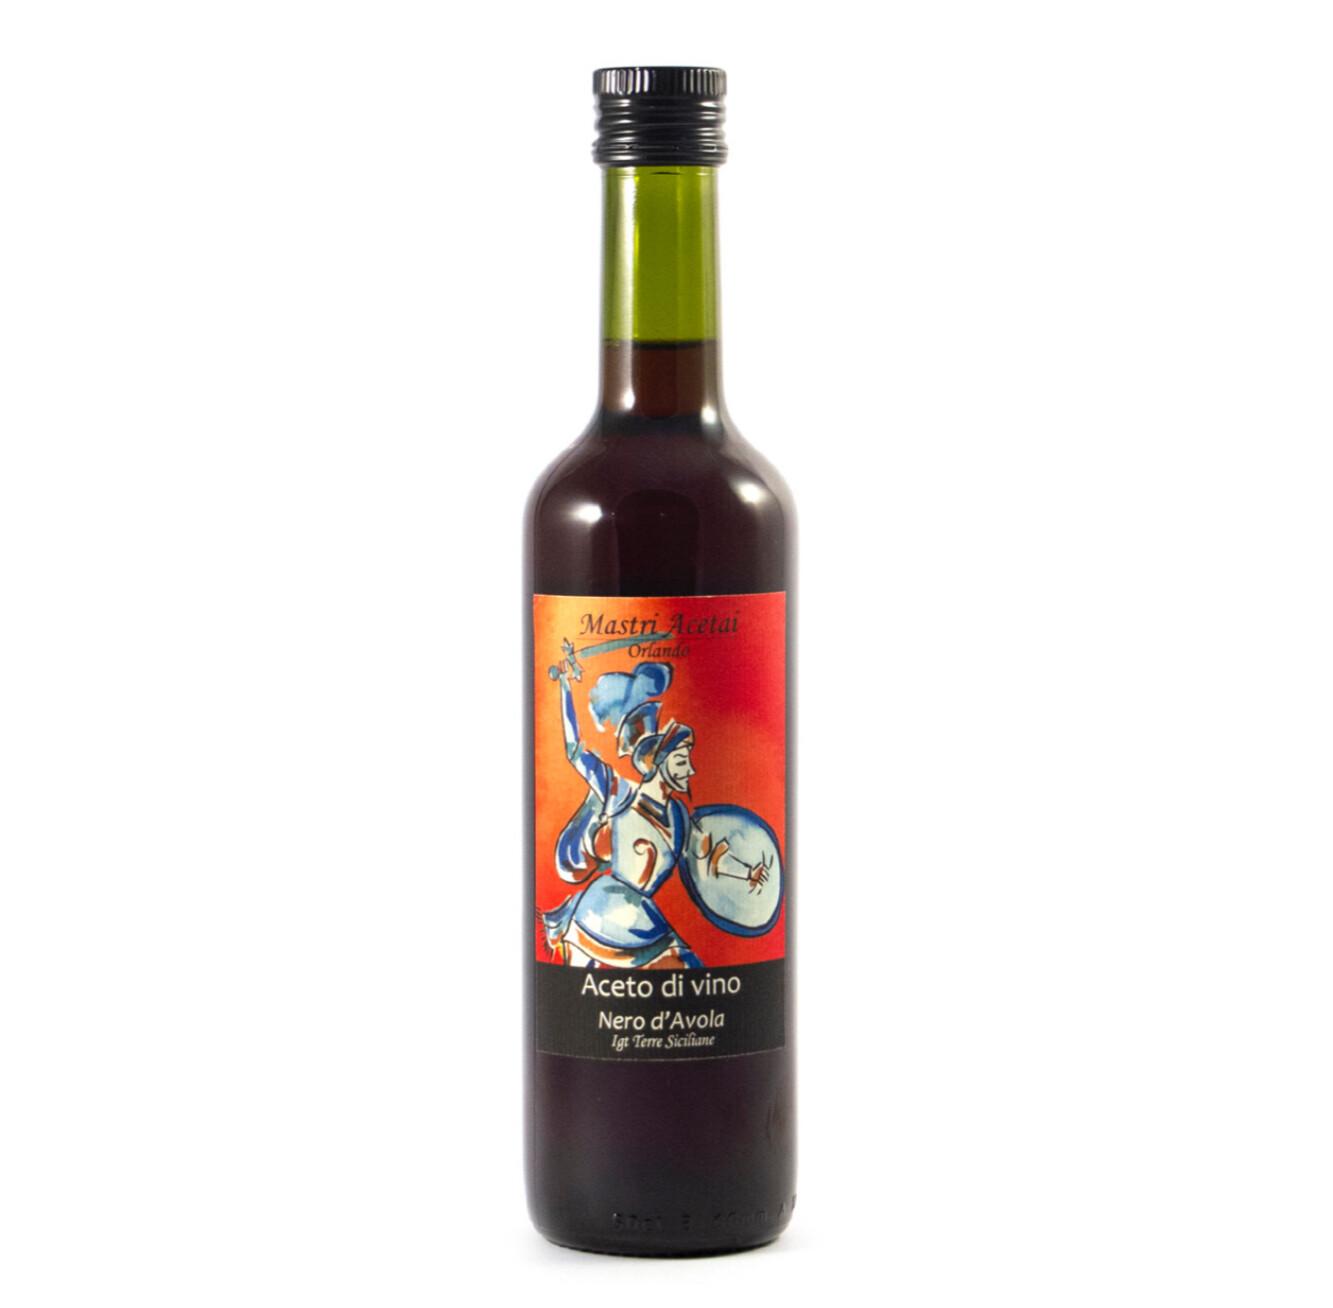 Aceto nero d'avola 0,50 cl